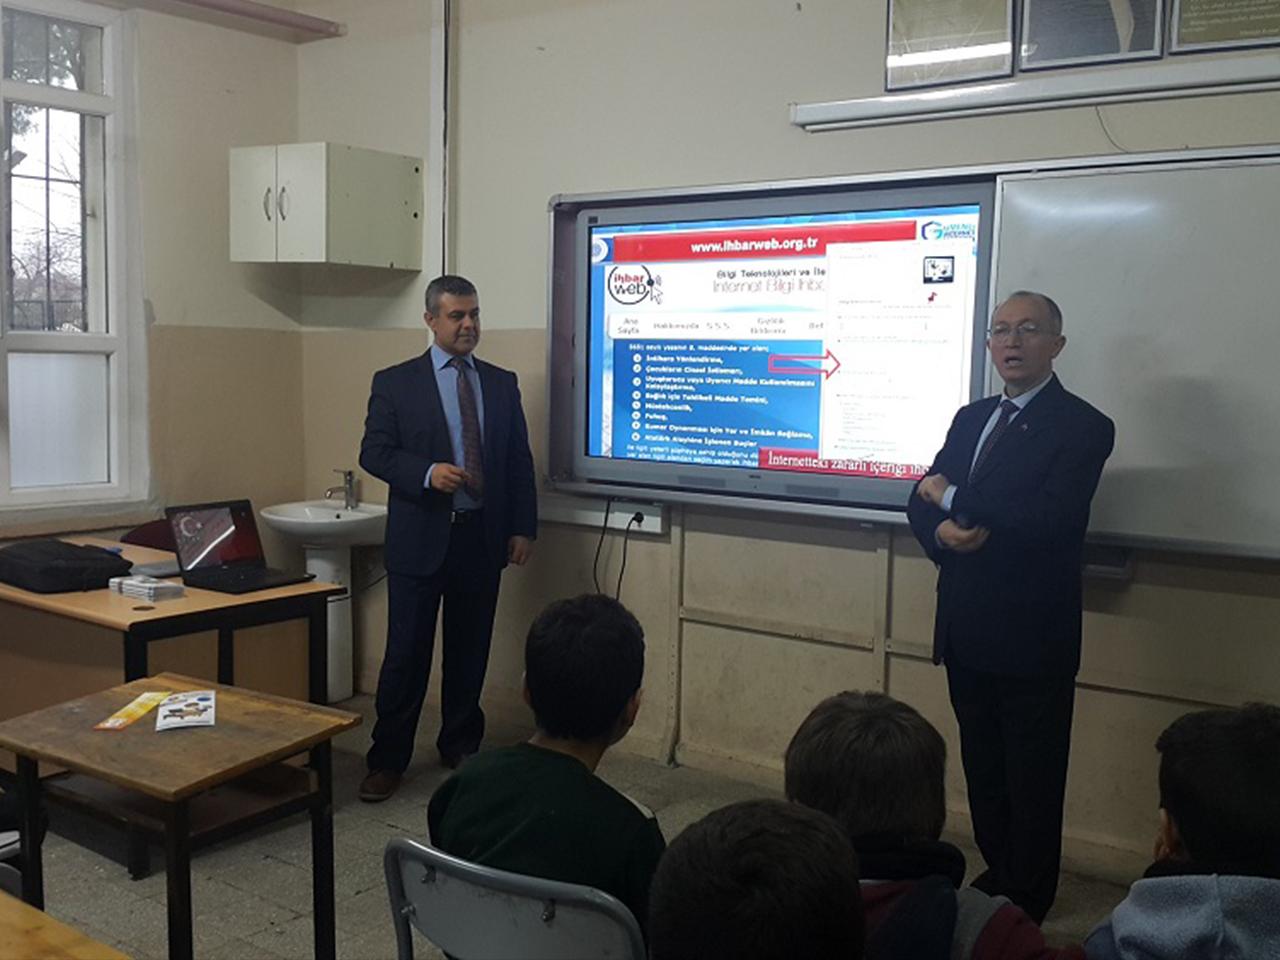 İzmir Menderes Oğlananası Ortaokulunda, Bilinçli Ve Güvenli İnternet Semineri